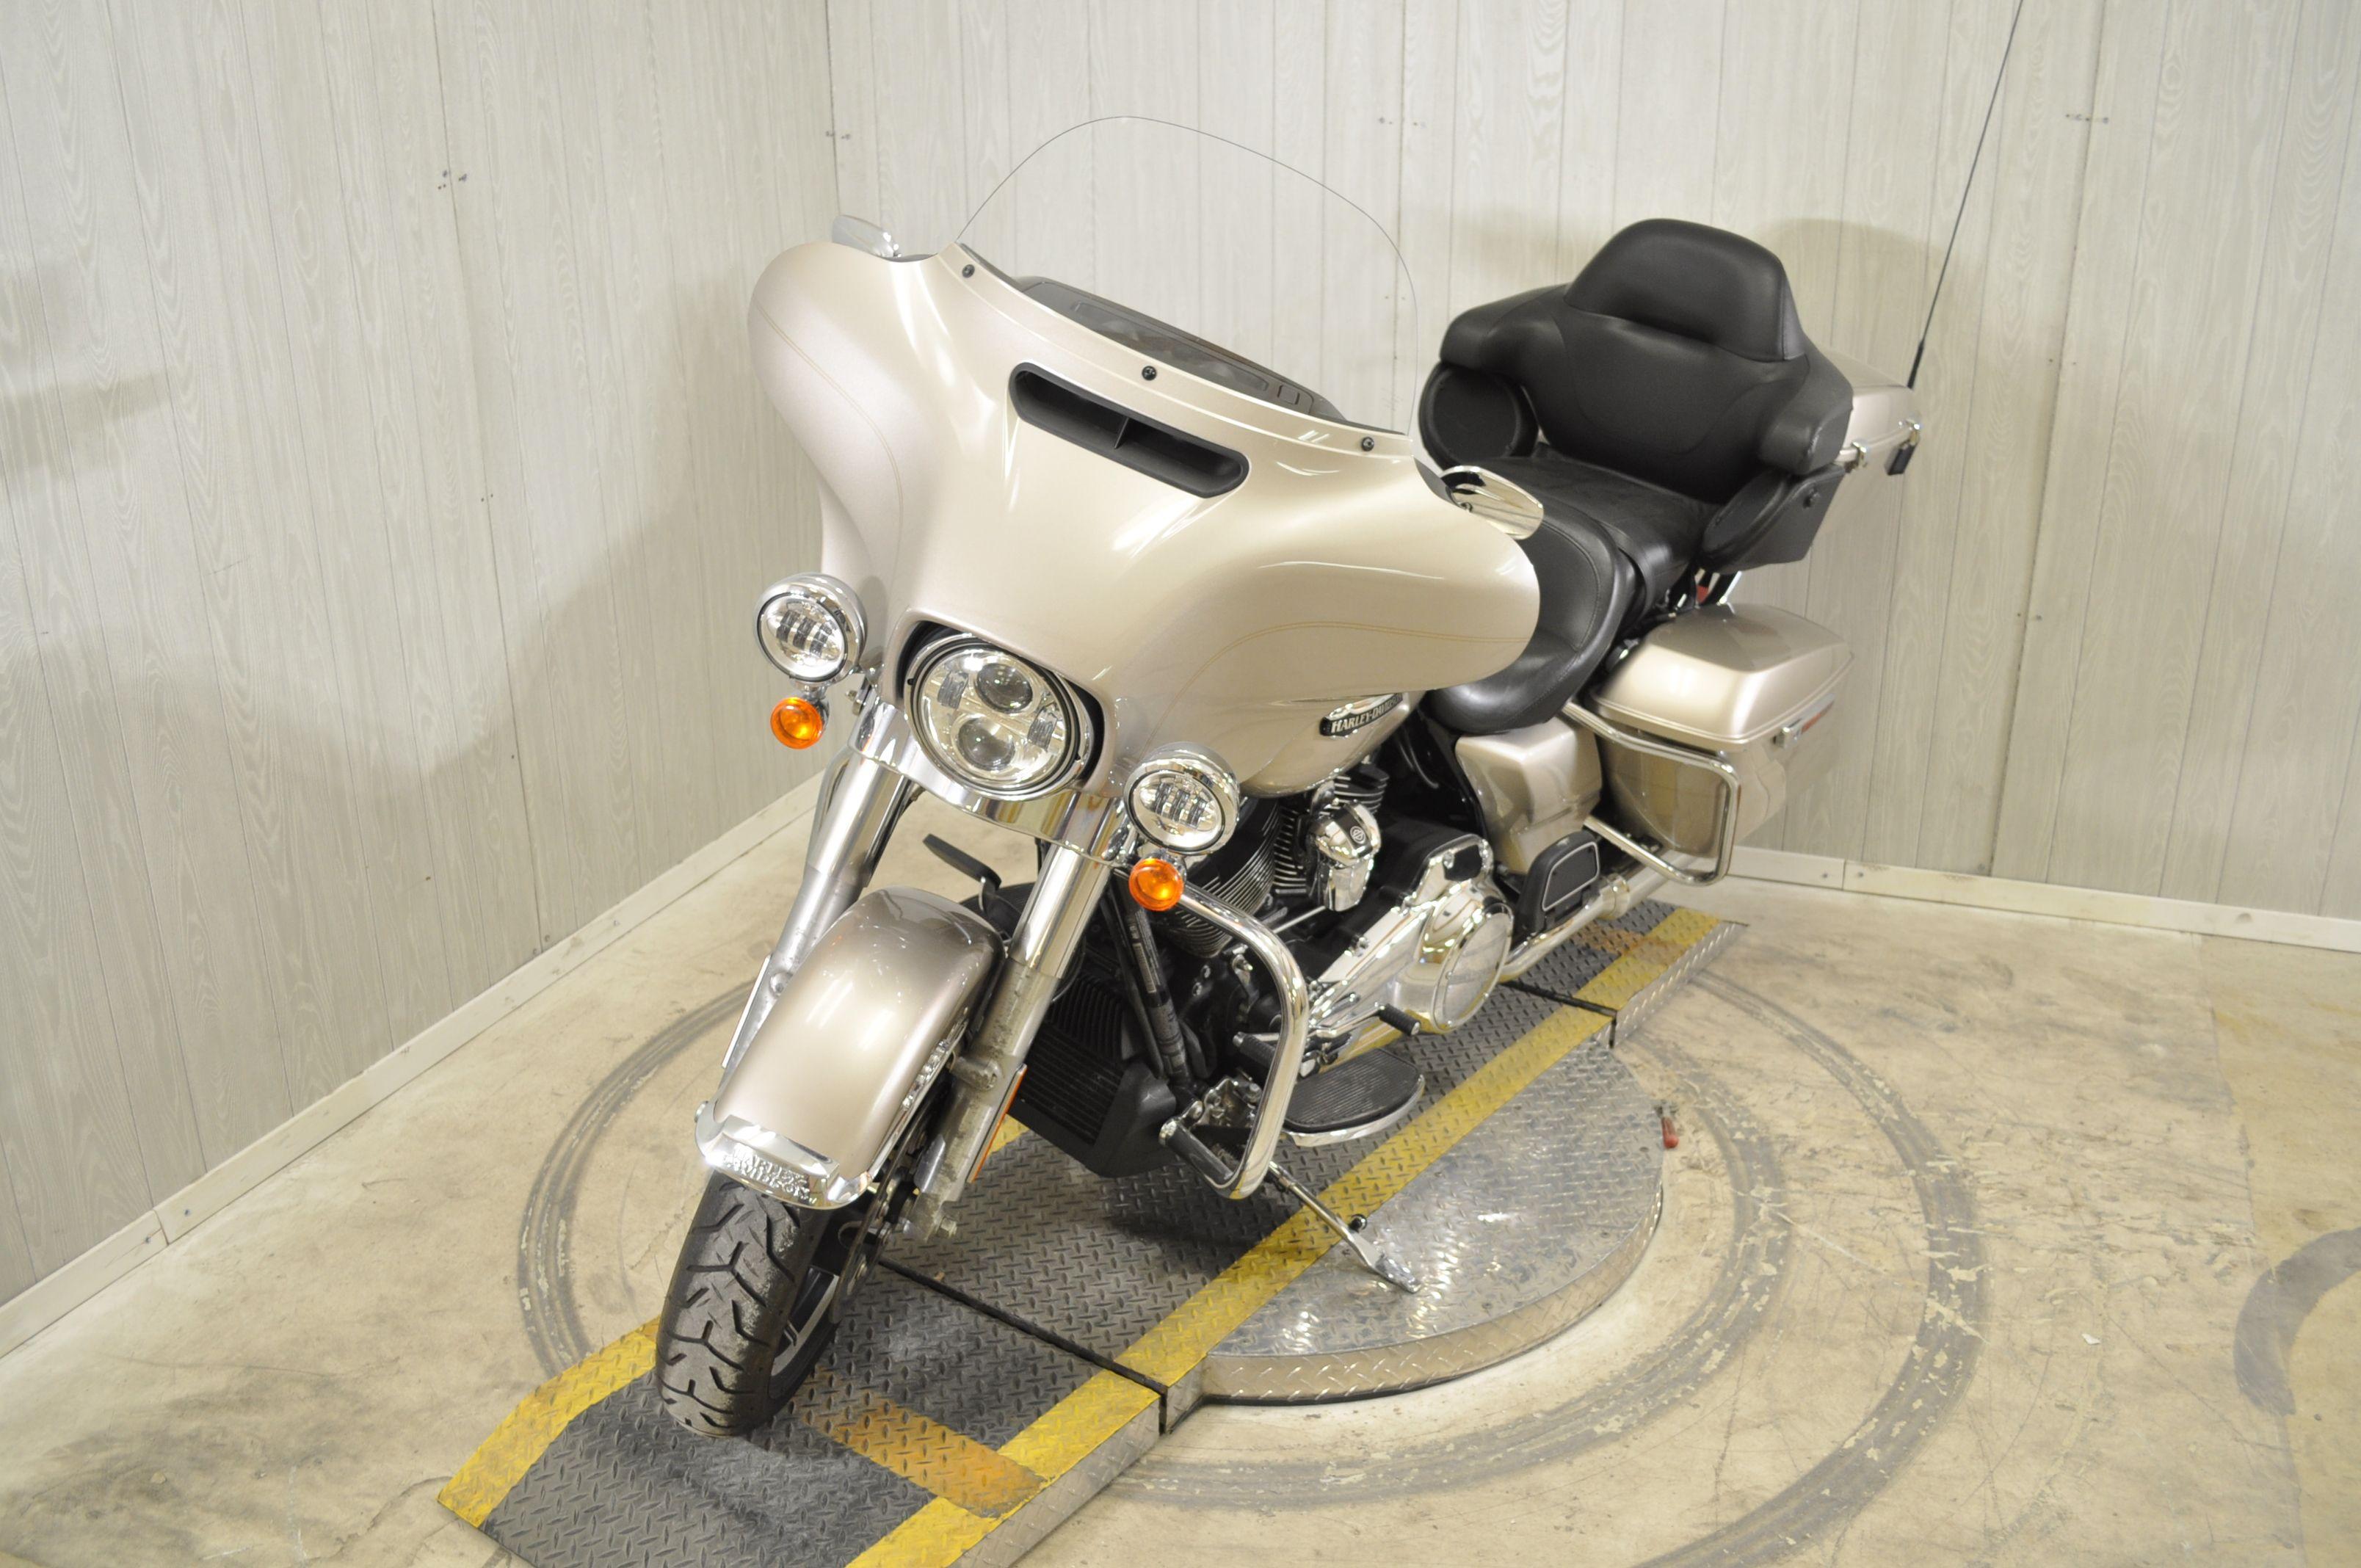 Pre-Owned 2018 Harley-Davidson Electra Glide Ultra Classic FLHTCU